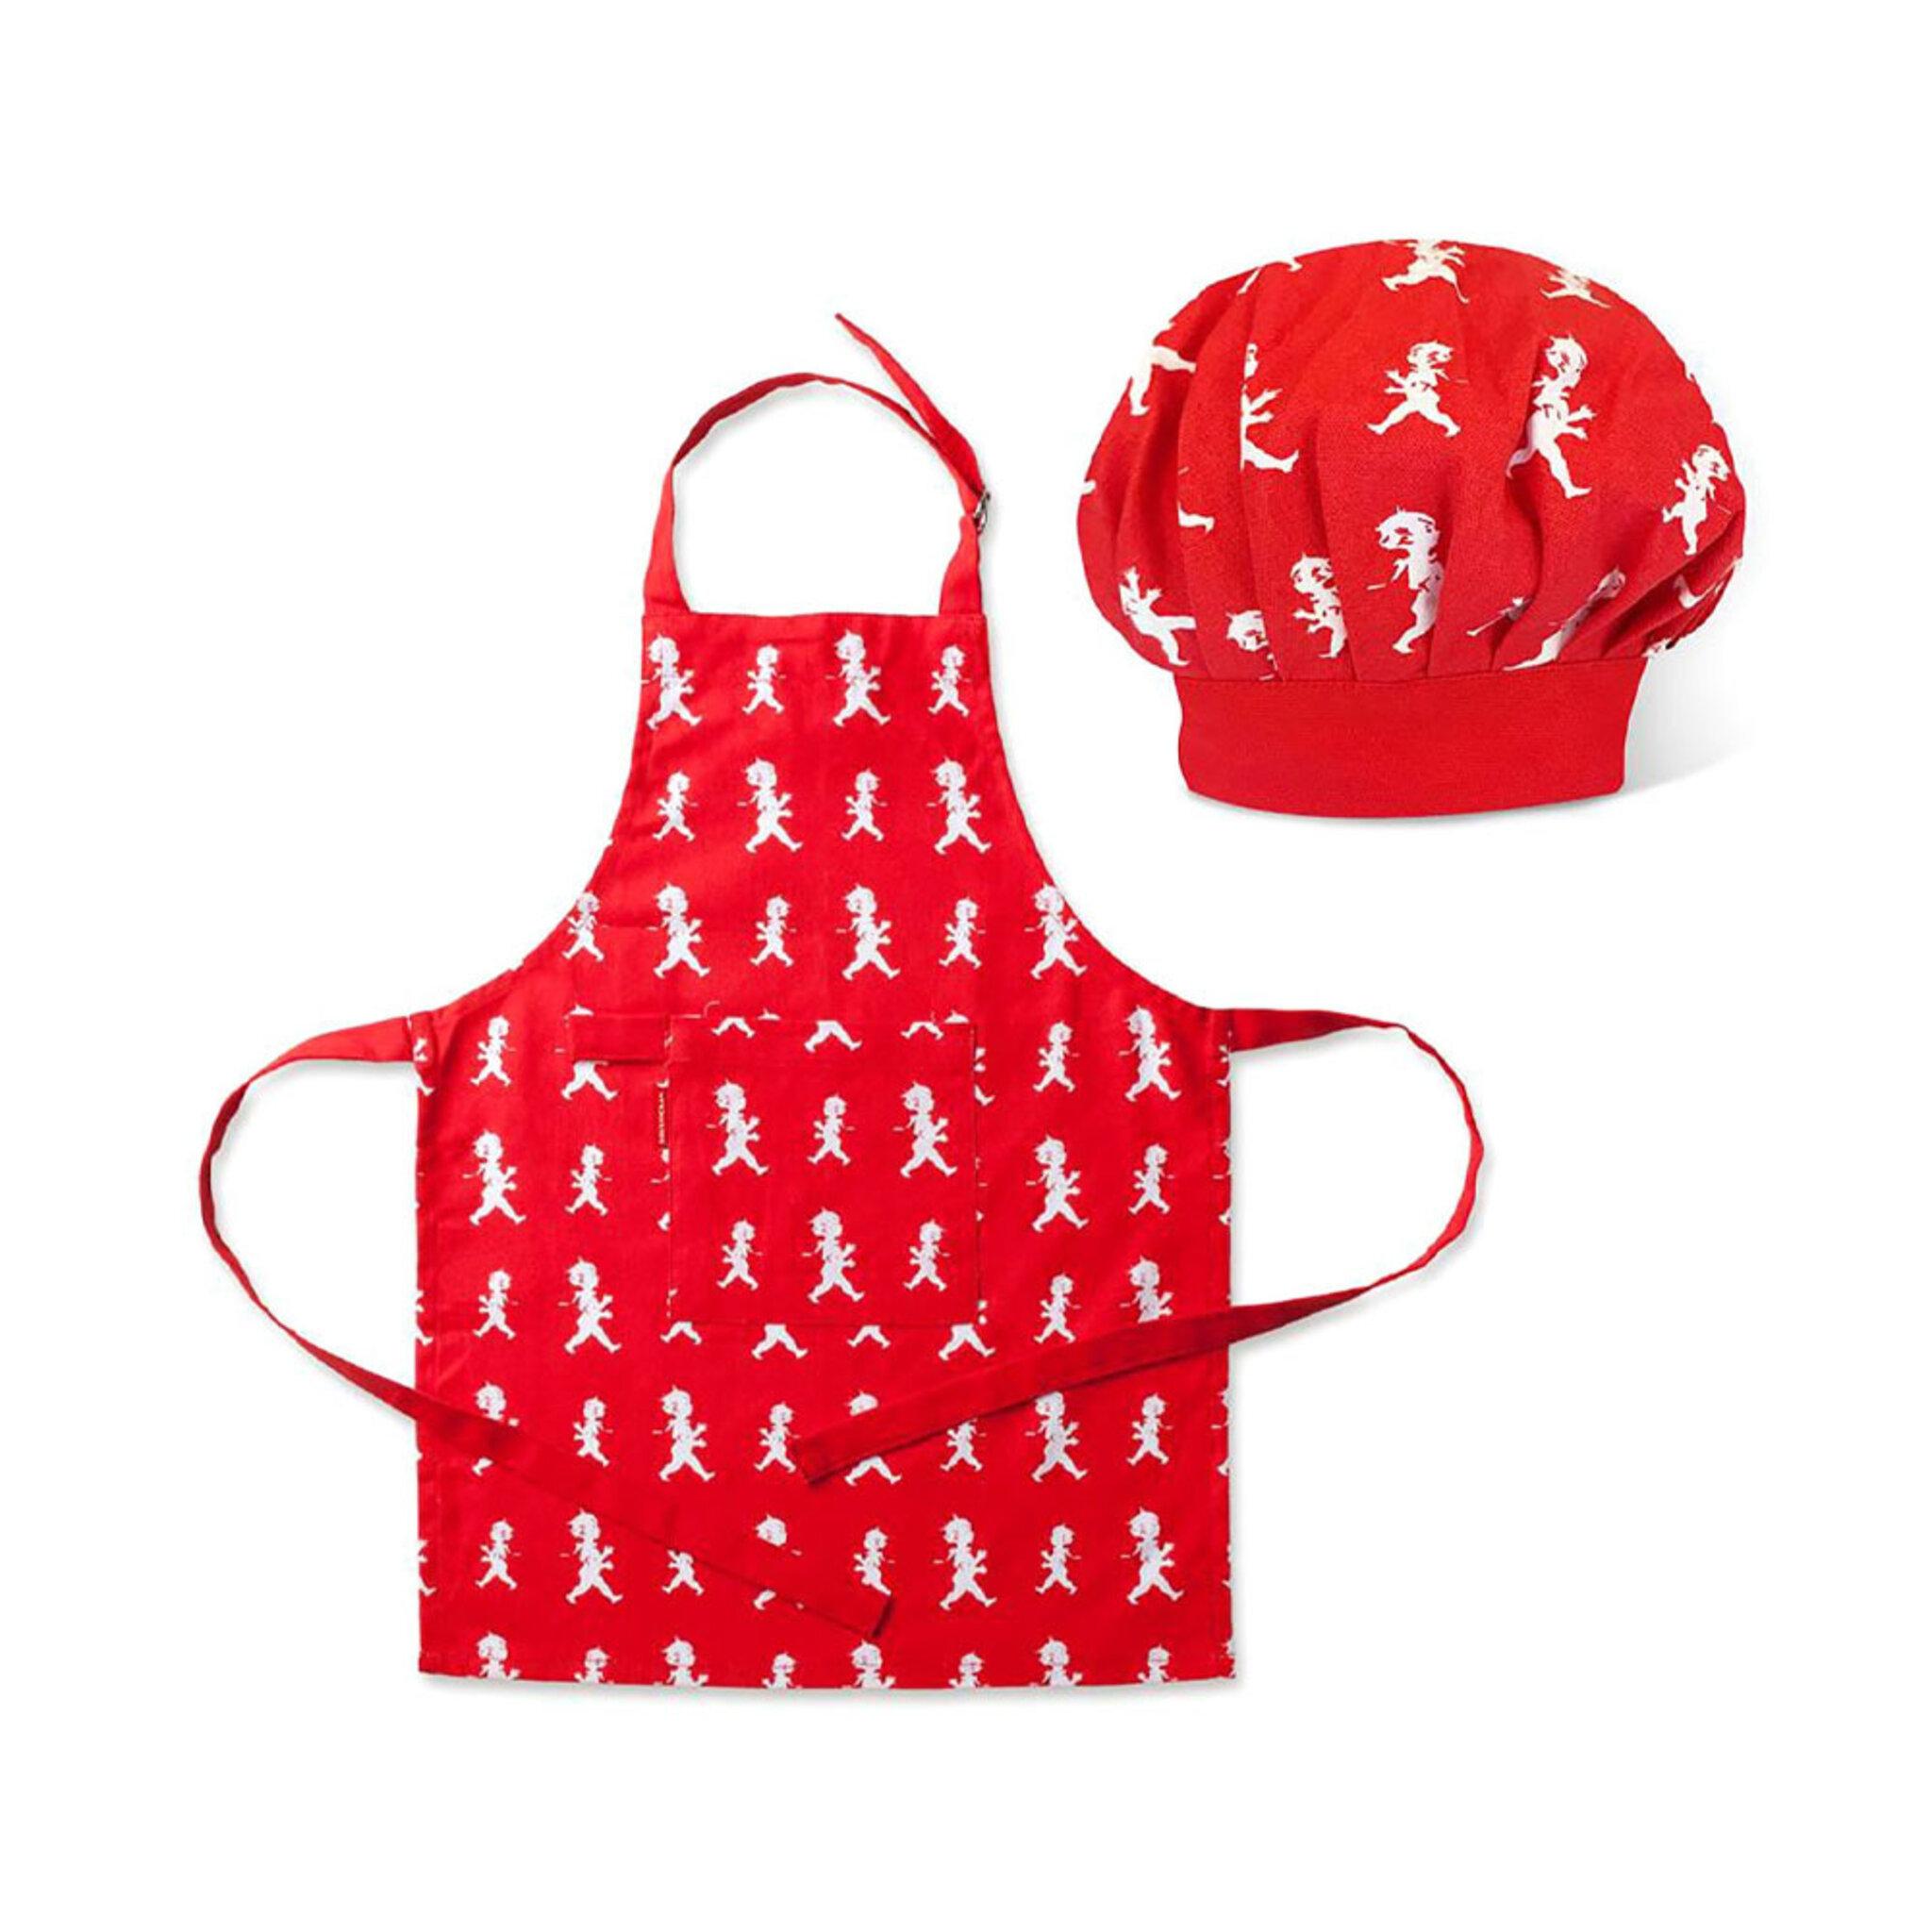 Köksförkläde & Kockmössa barn, 2-6 år